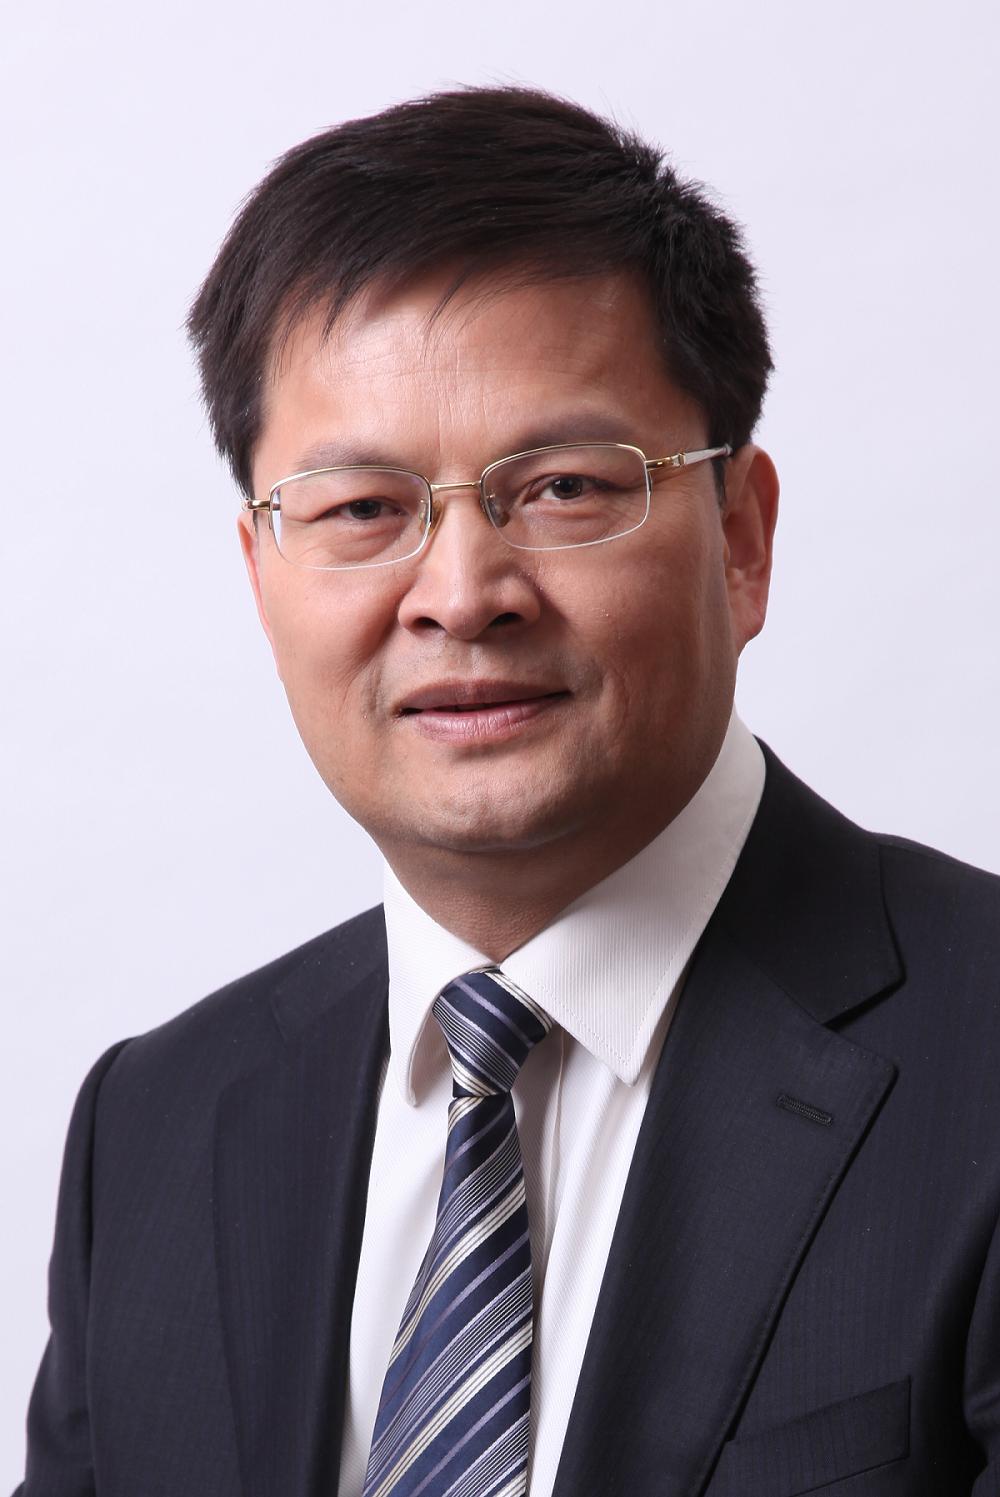 Tianwei Tan